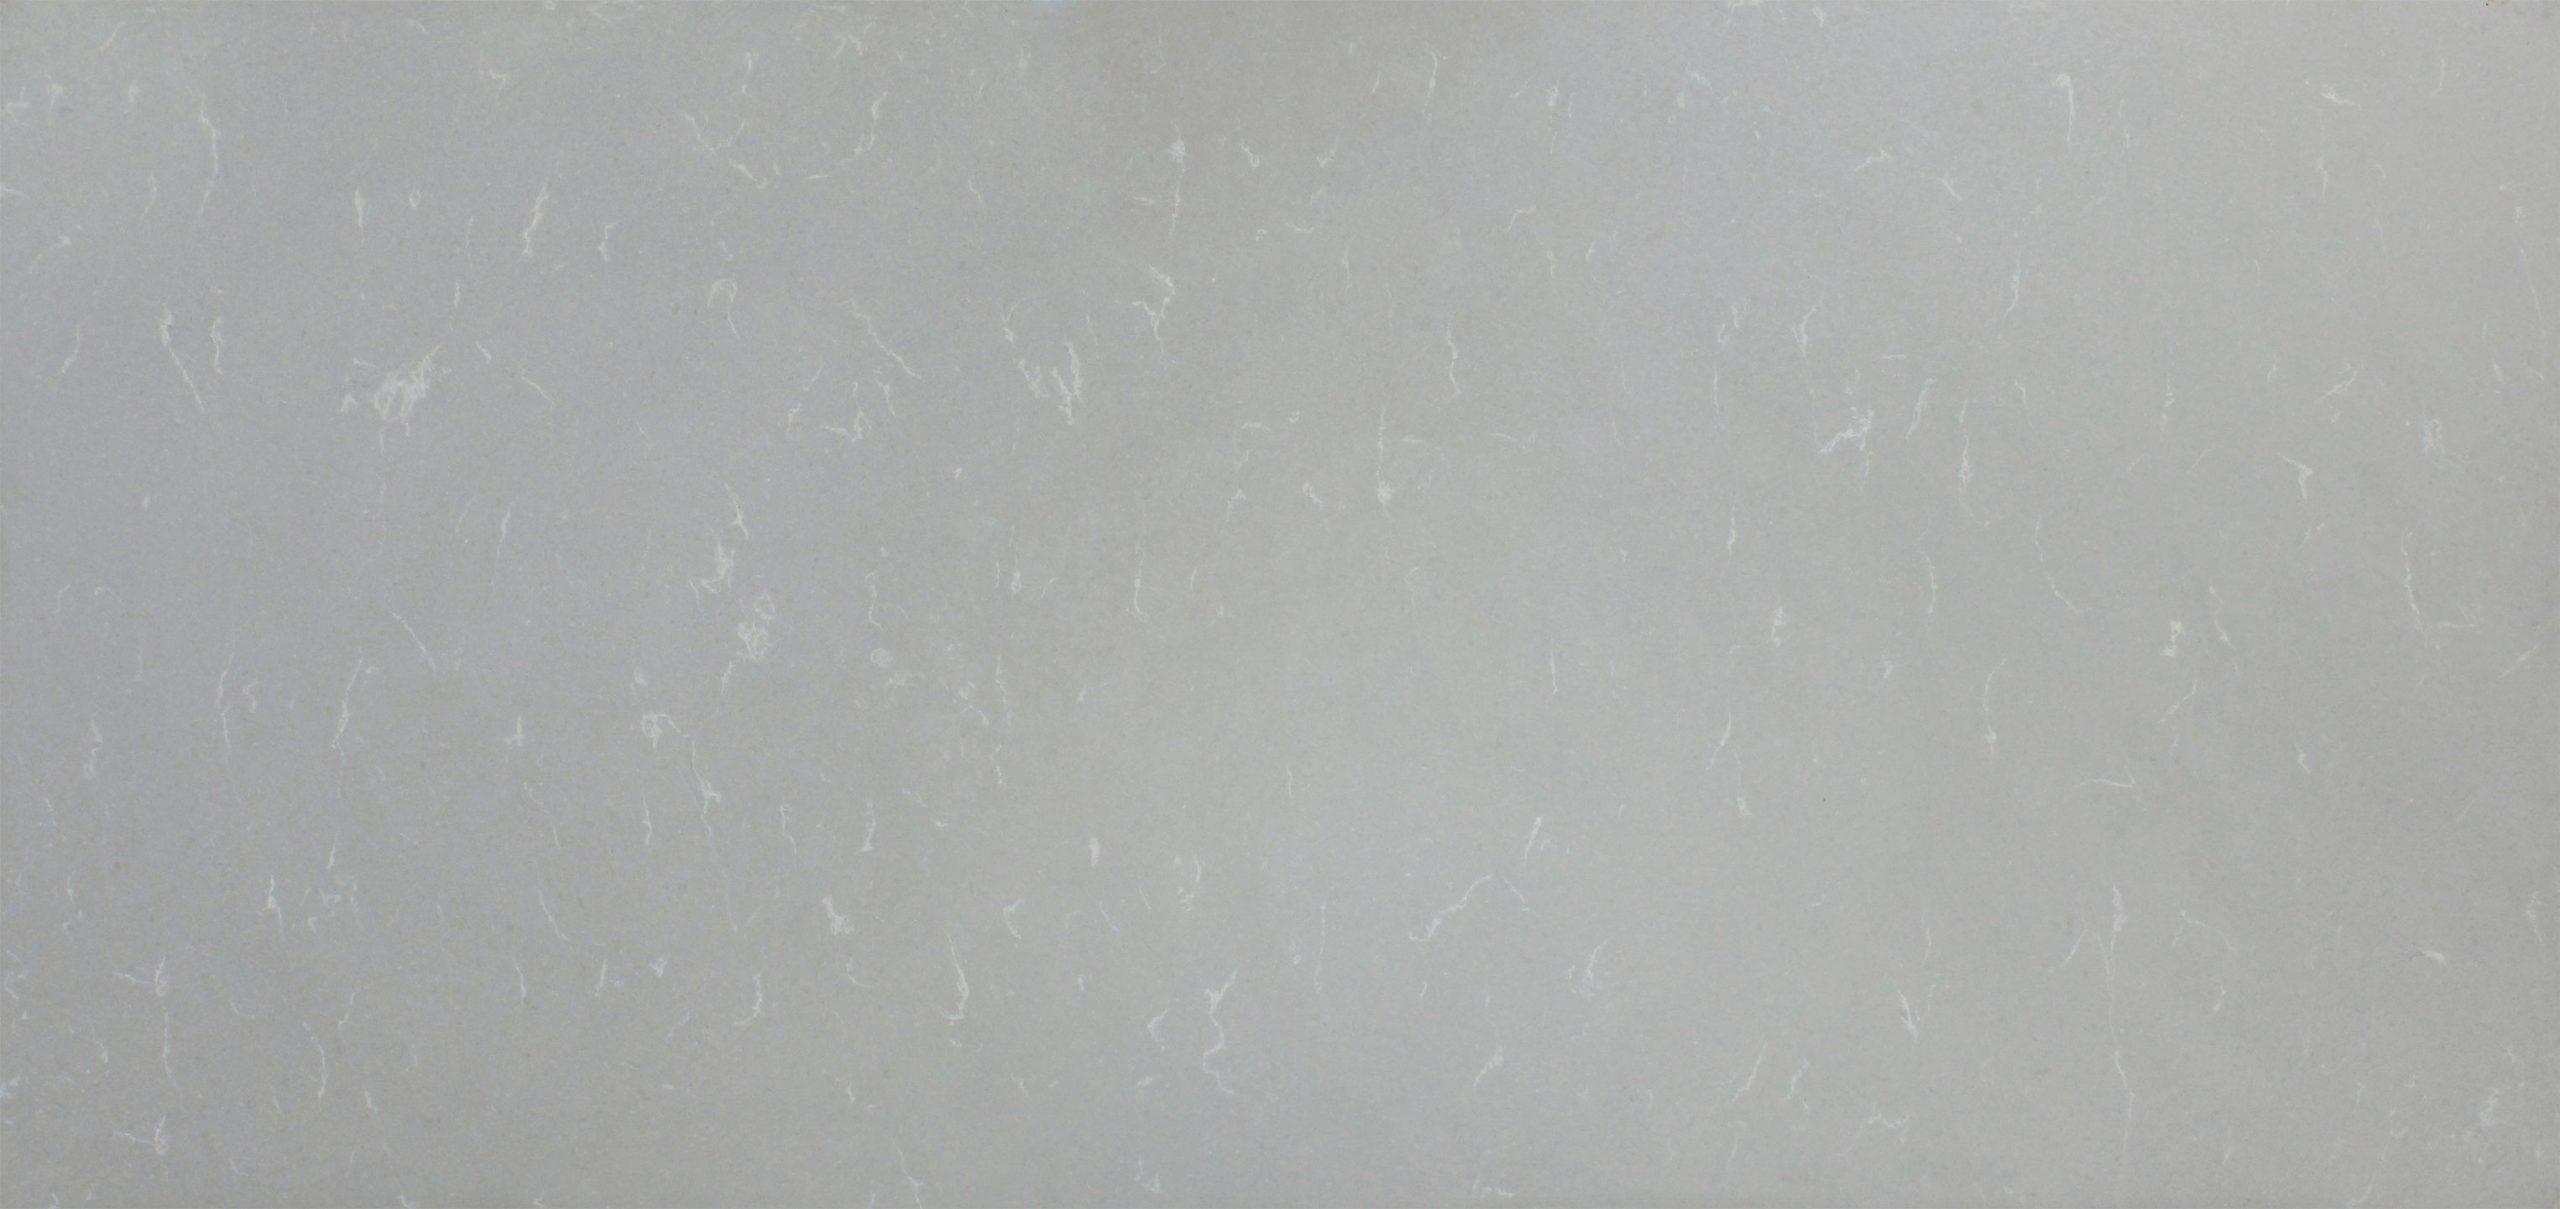 Vicostone Grey Savoie BQ8446 02